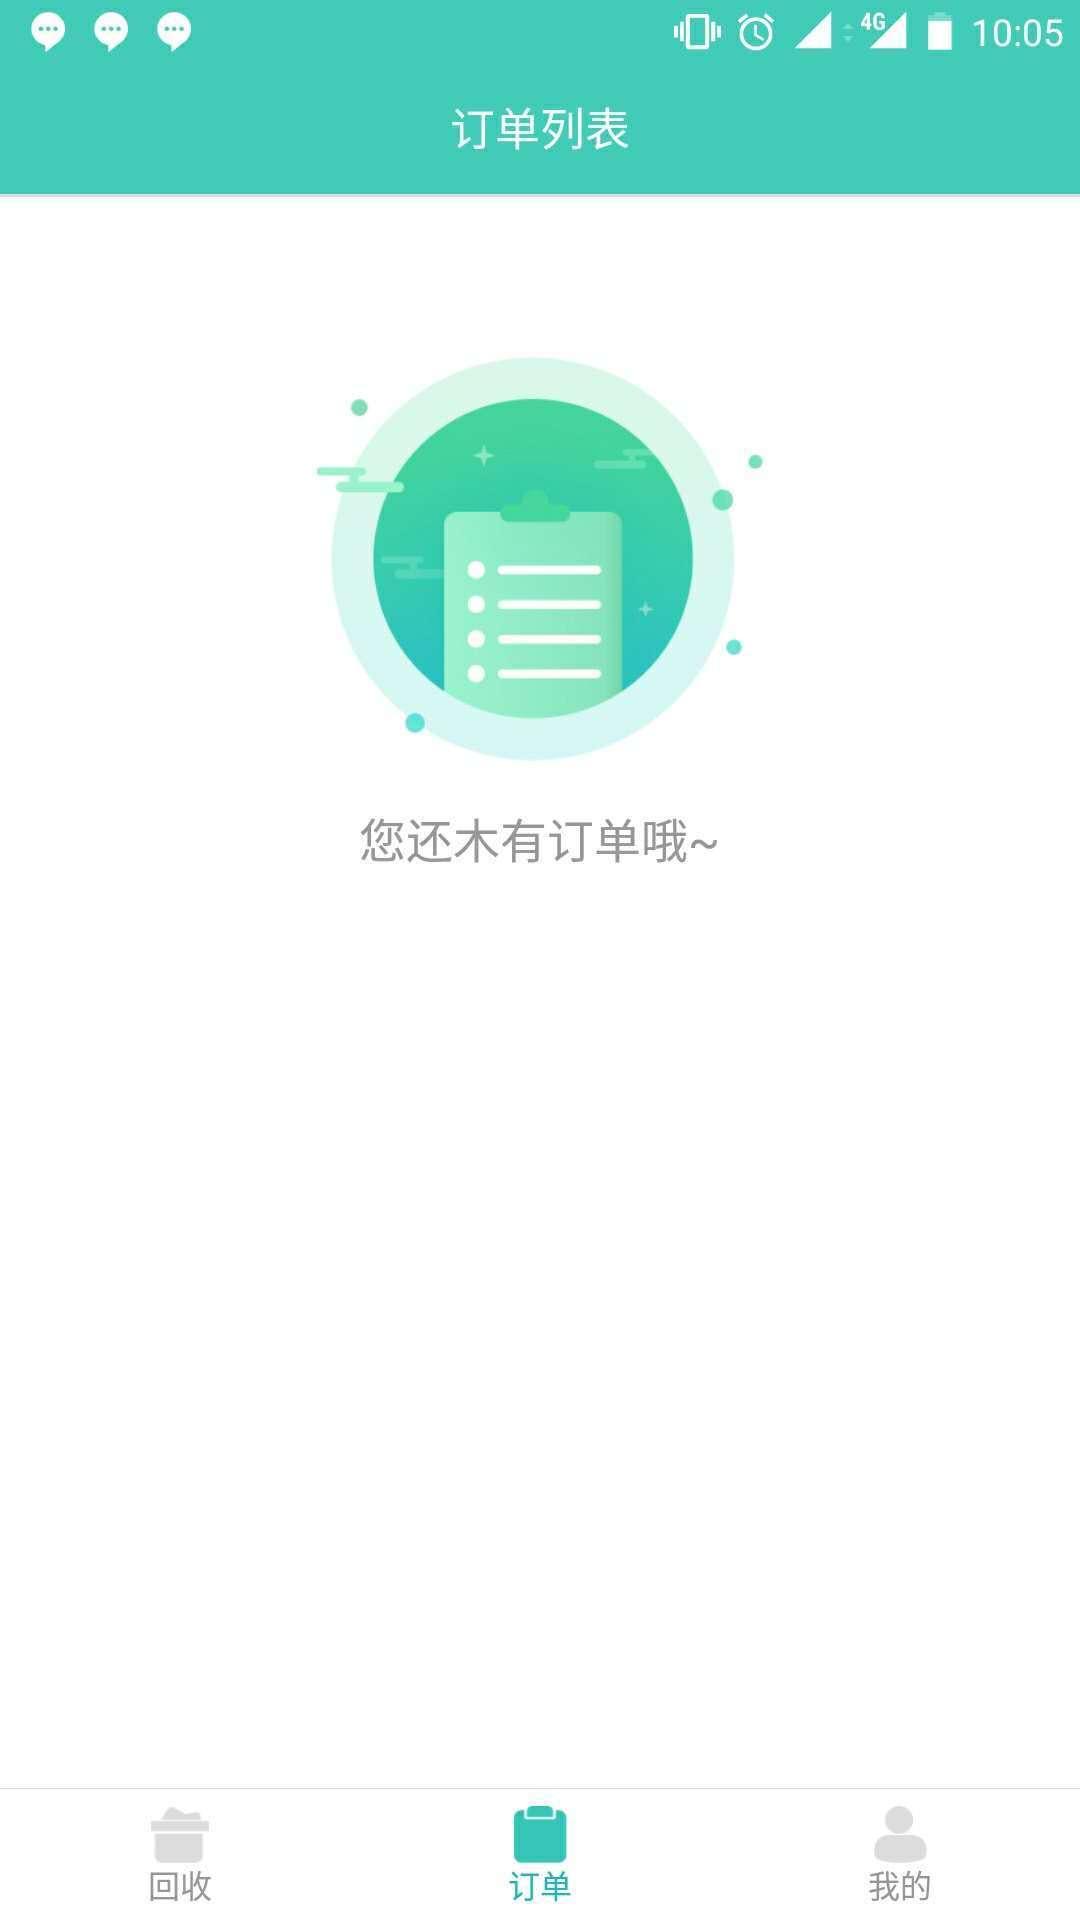 闪电白卡 V1.1 安卓版截图4